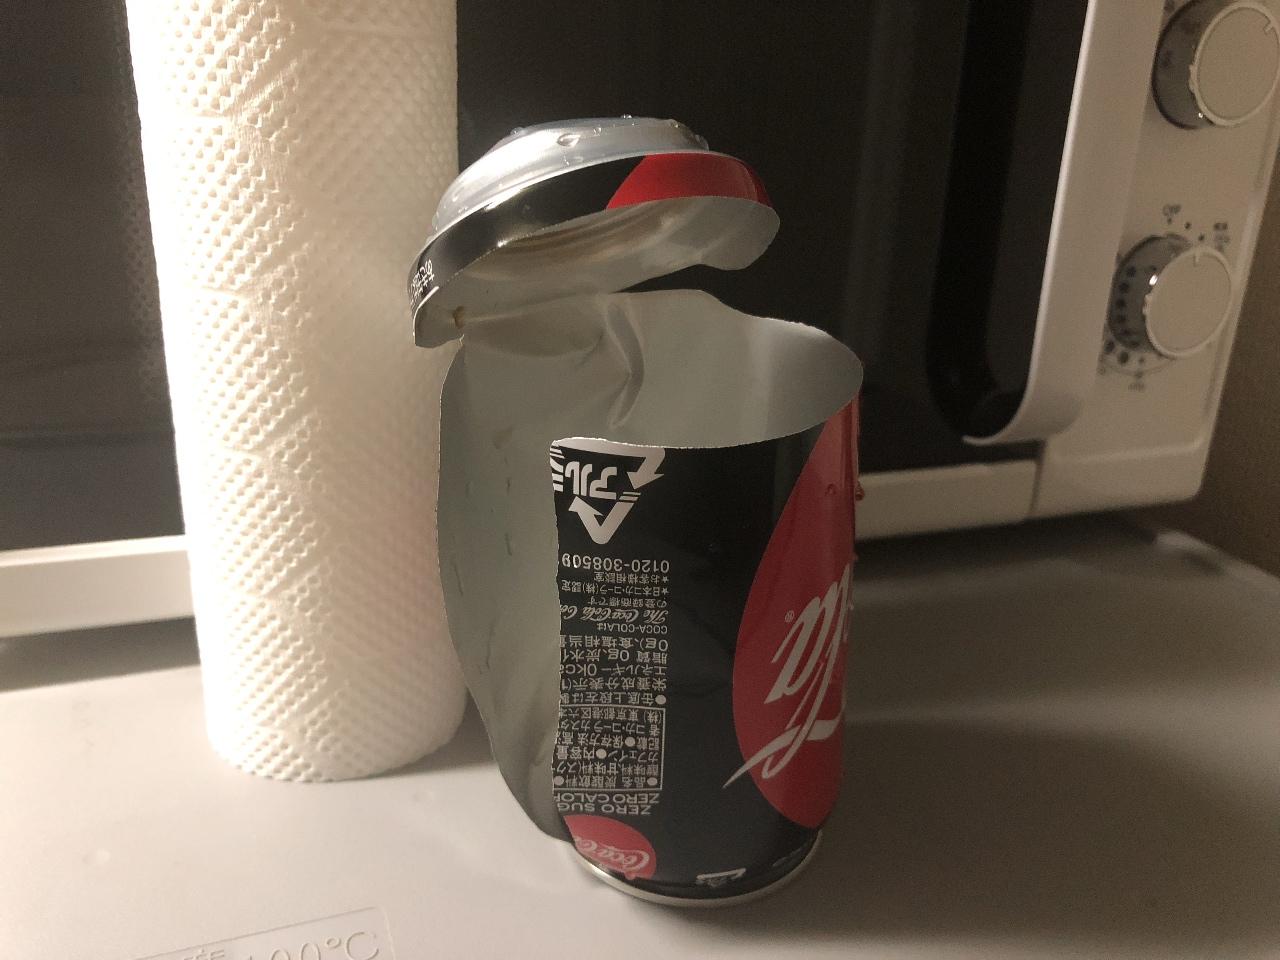 コーラが爆発! 急冷するため冷蔵庫の冷凍室に入れ忘れ、そのまま放置は絶対禁物!